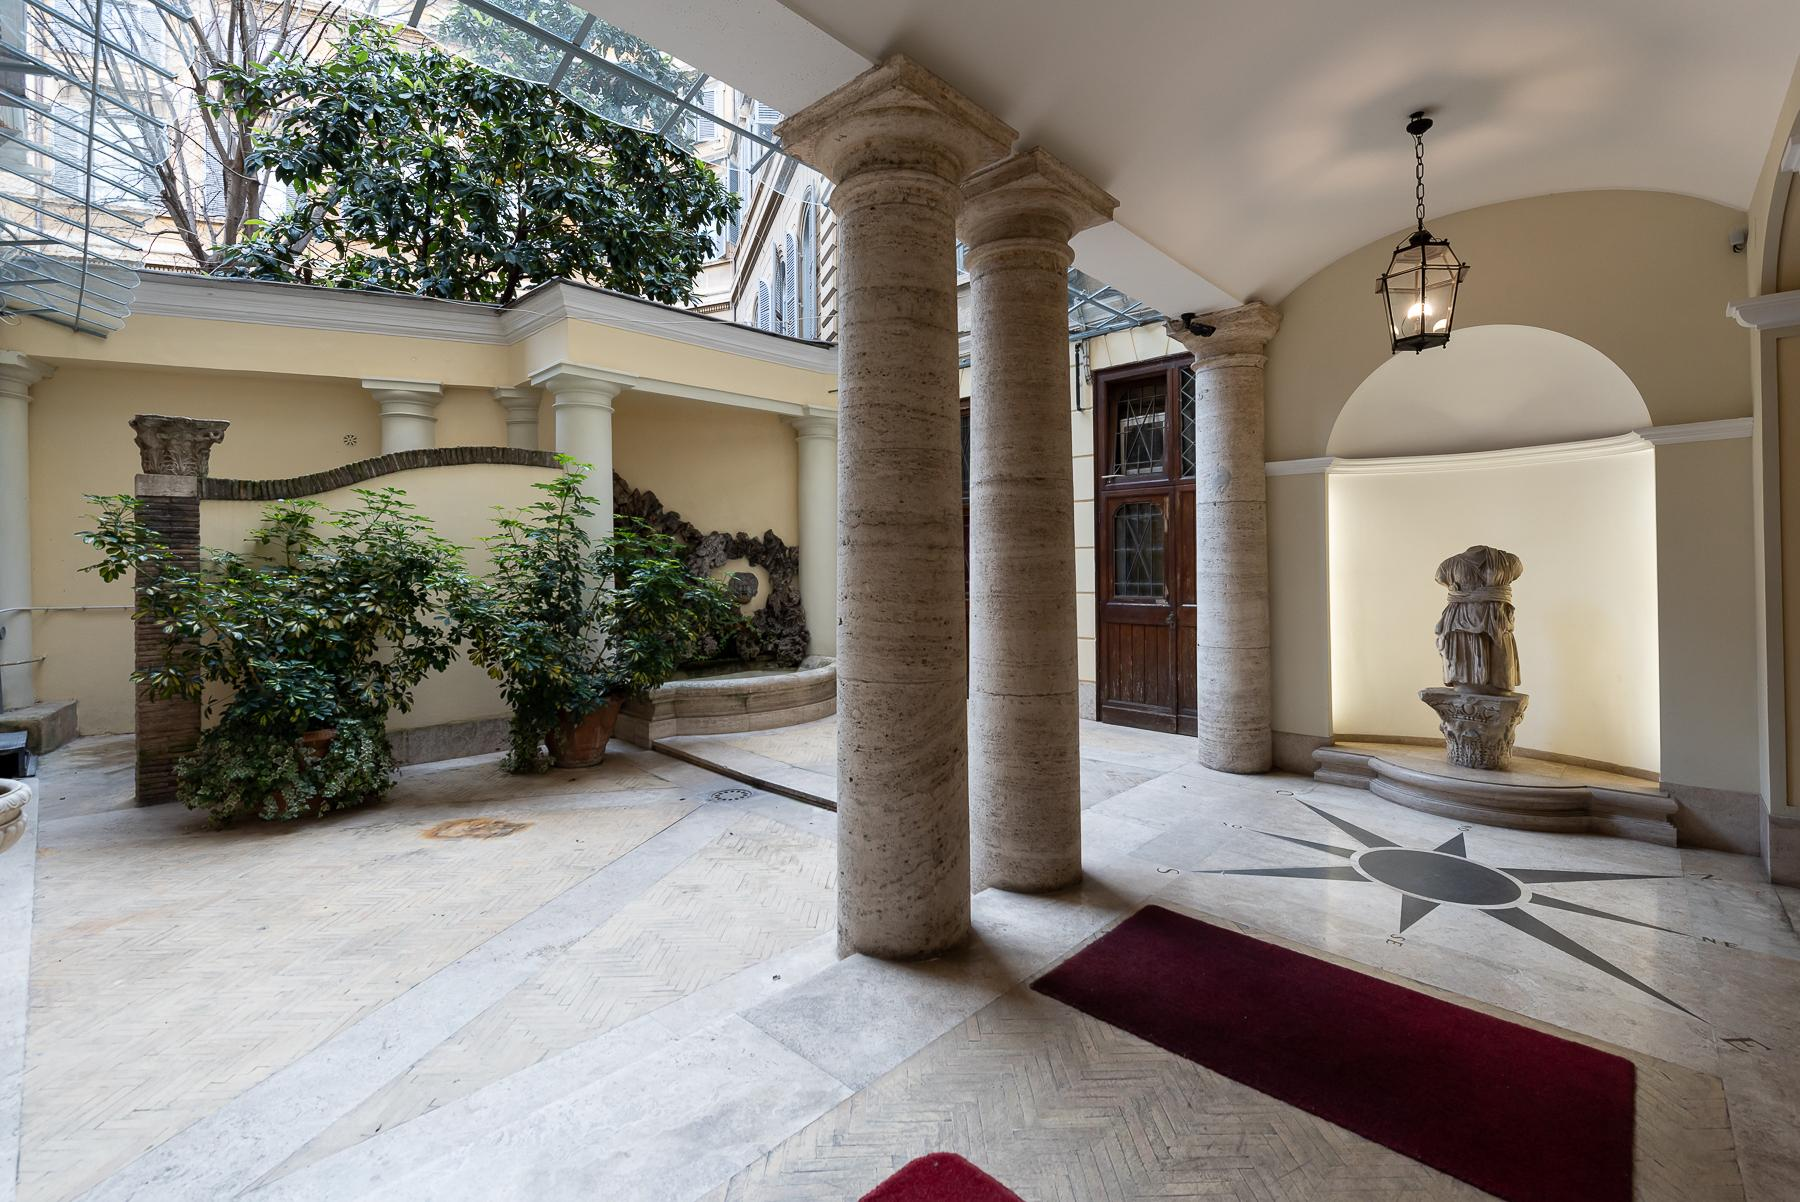 Роскошная квартира с большой террасой  в элегантном здании начала 900 года - 36